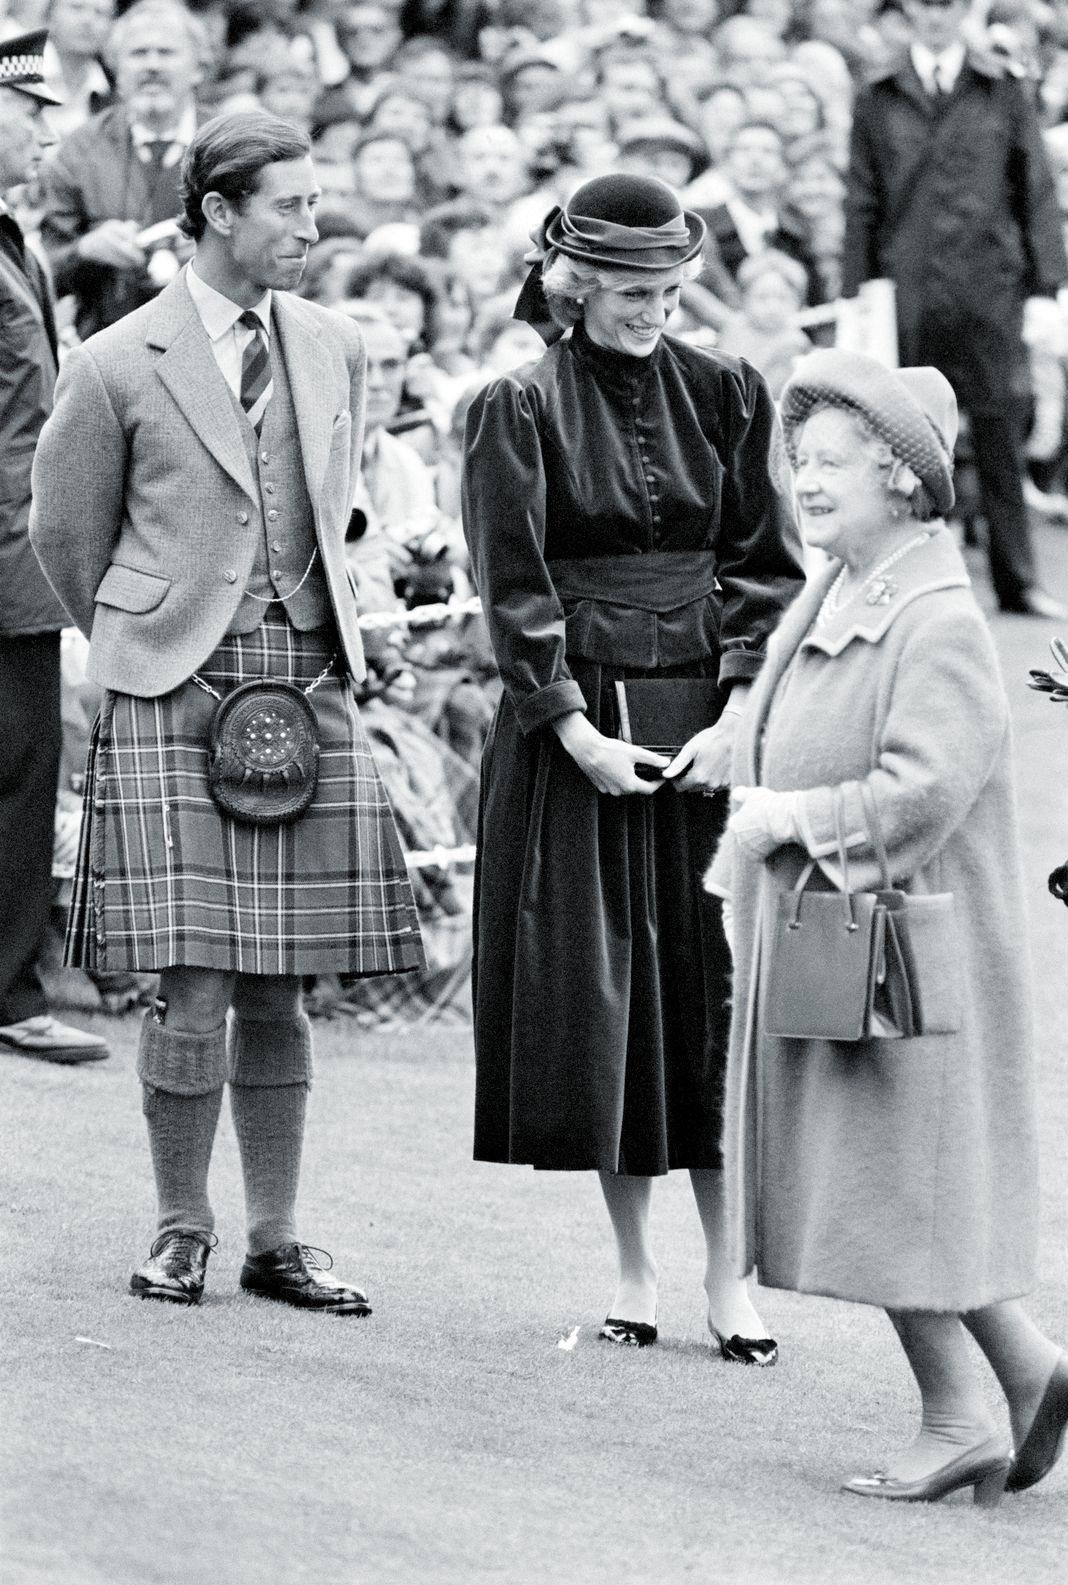 Диана, принцесса Уэльская, и Чарльз, принц Уэльский, королева Елизавета, королева-мать